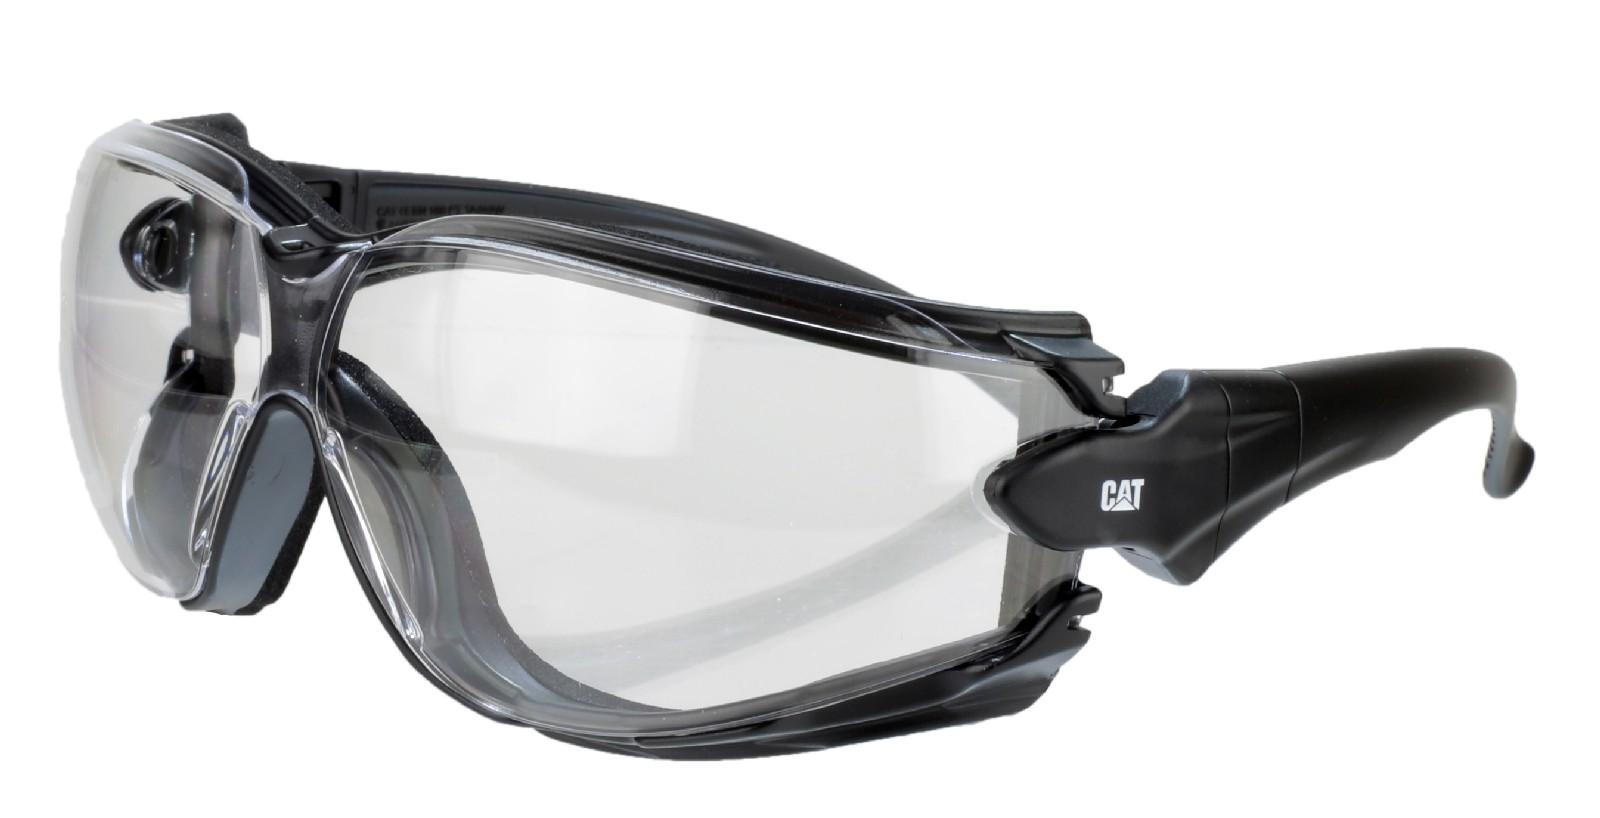 caterpiller cat torque light weight safety glasses work